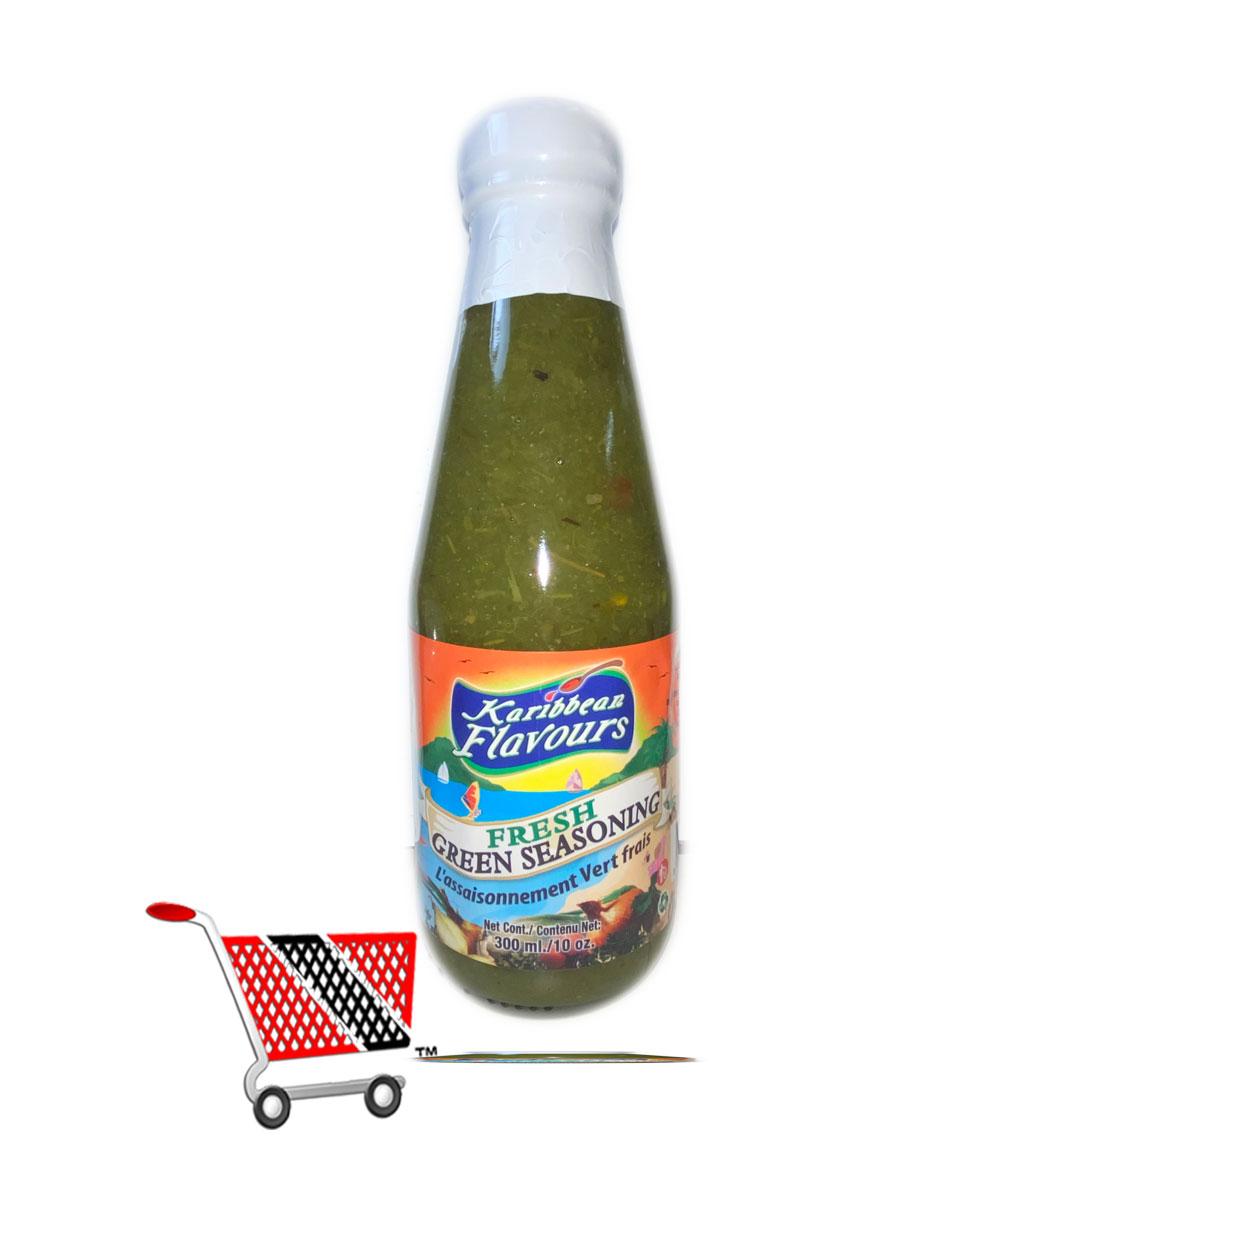 karibbean-flavours-green-seasoning.jpg